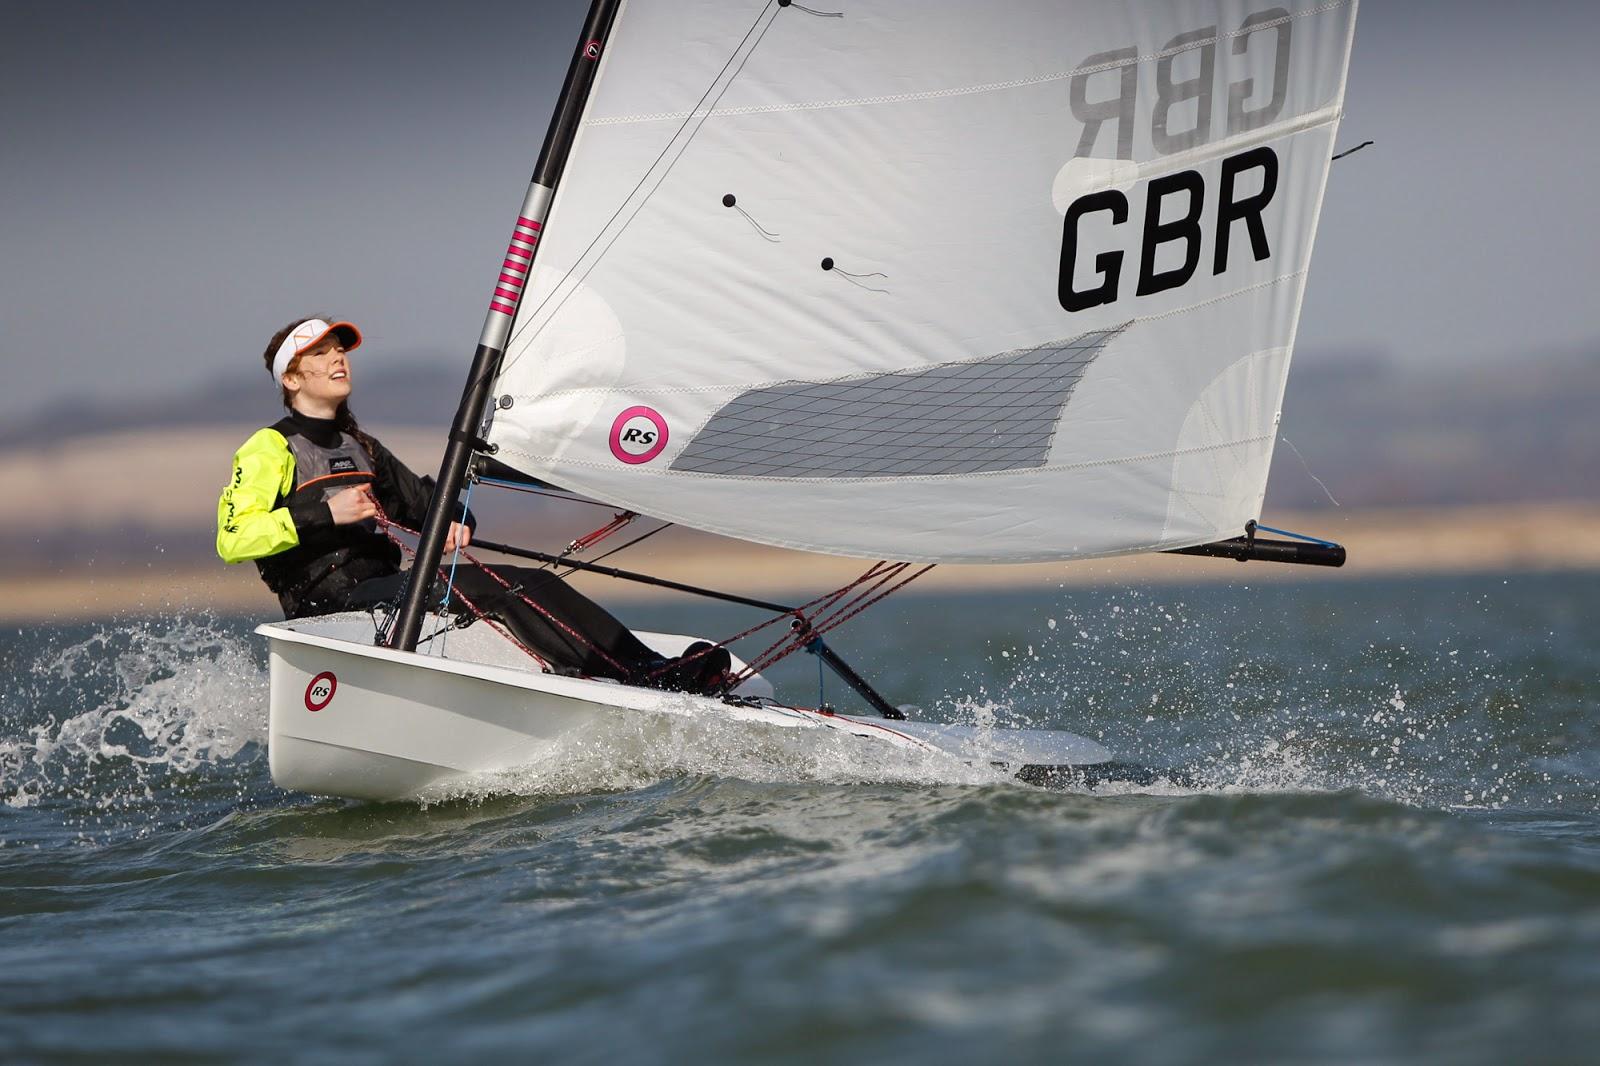 En partenariat avec le Yacht Club de Carnac, la société RS Sailing innove en proposant d'essayer ses dériveurs. Belle initiative !